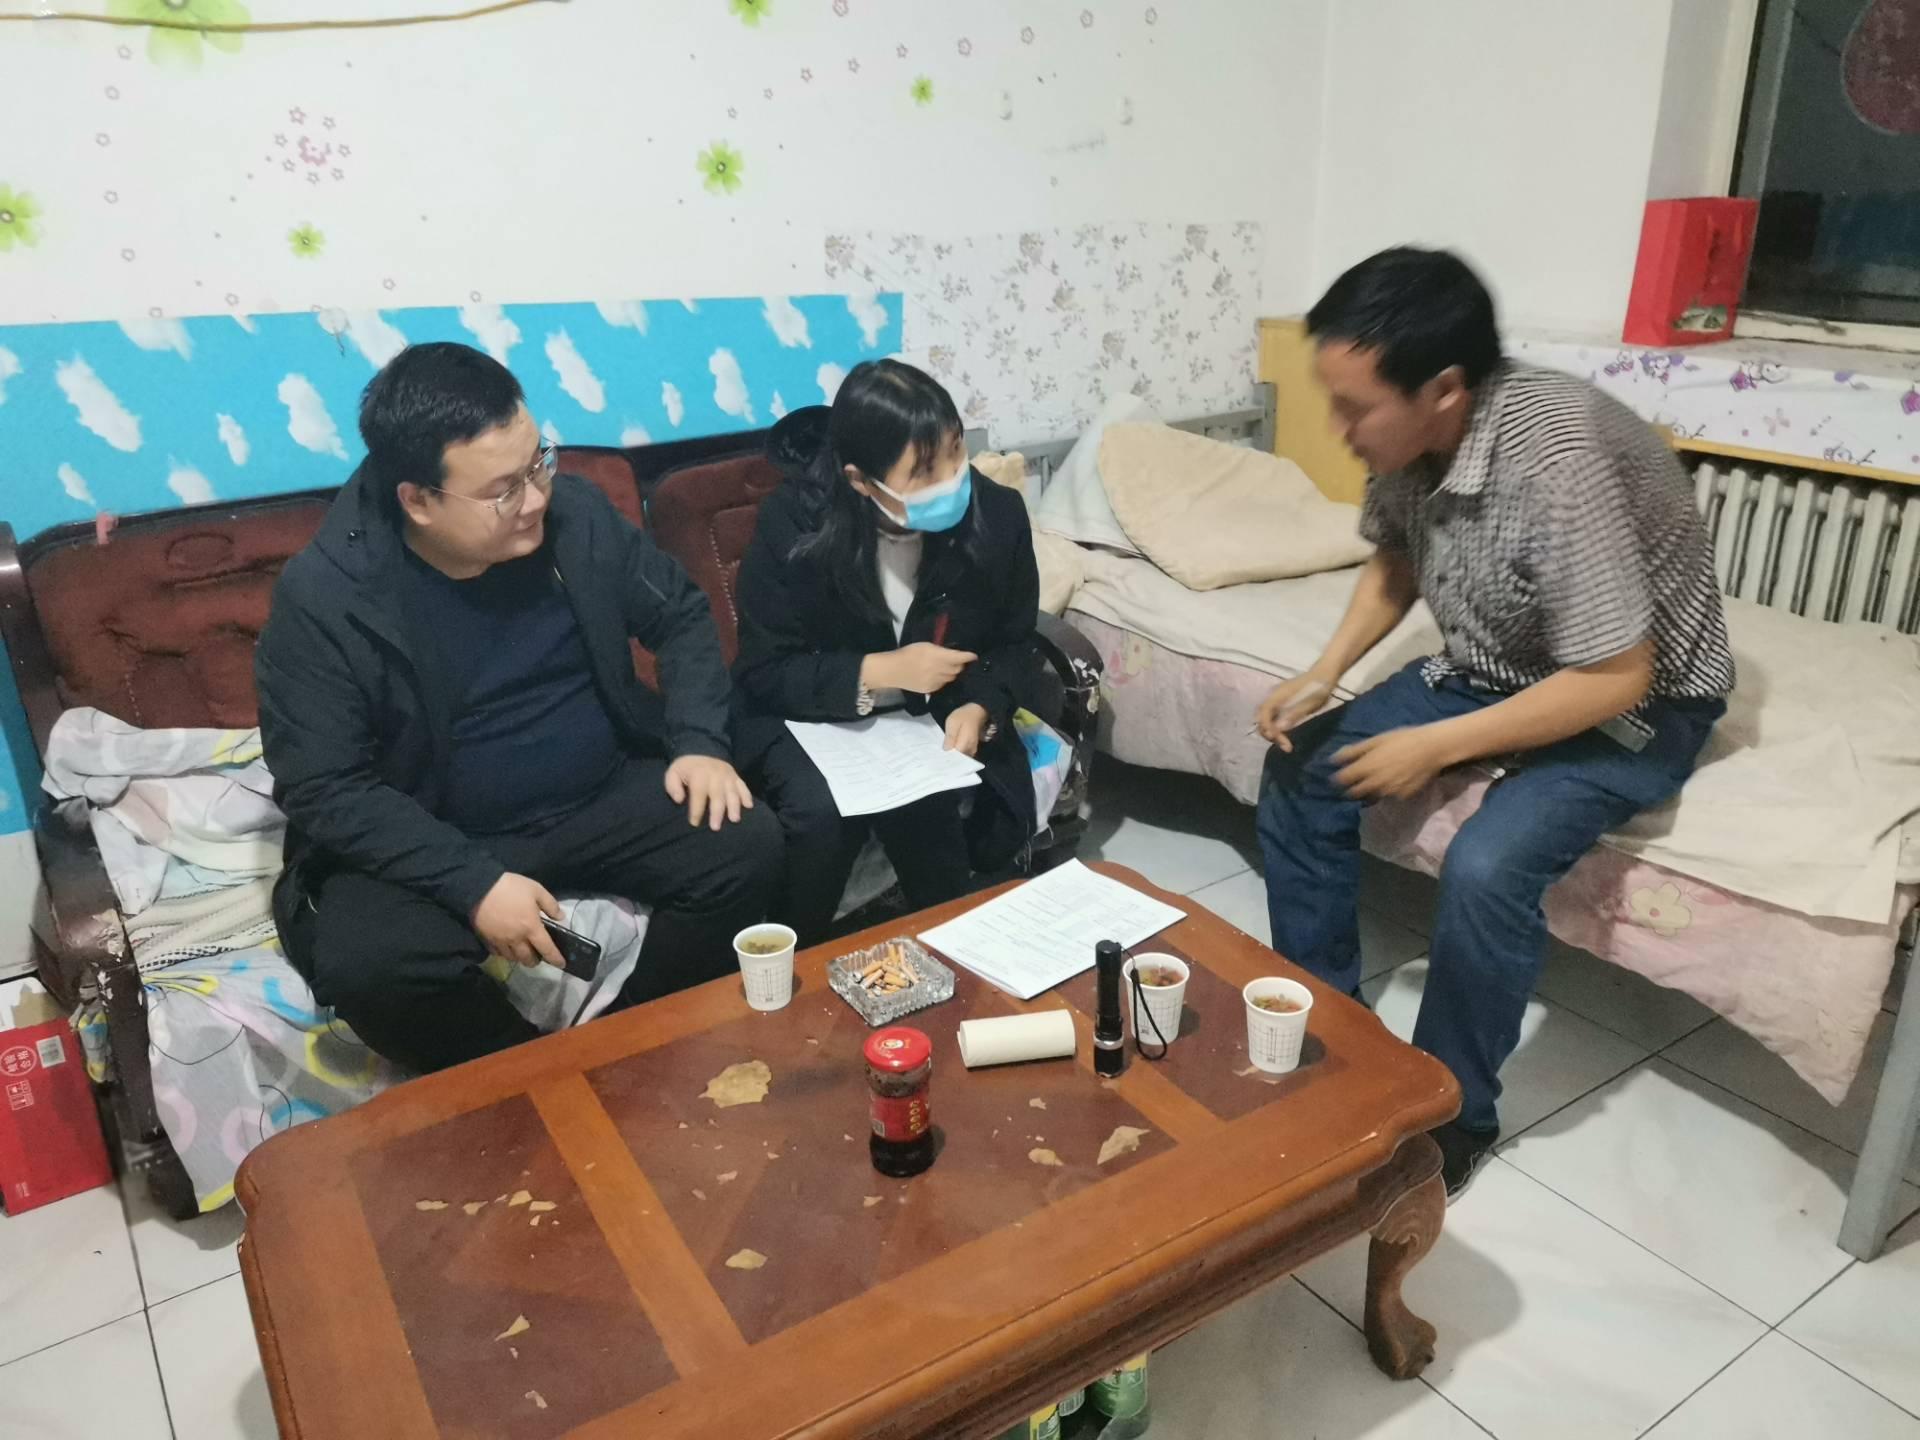 瓜州县柳园镇:网格员变身普查员 助力人口普查工作